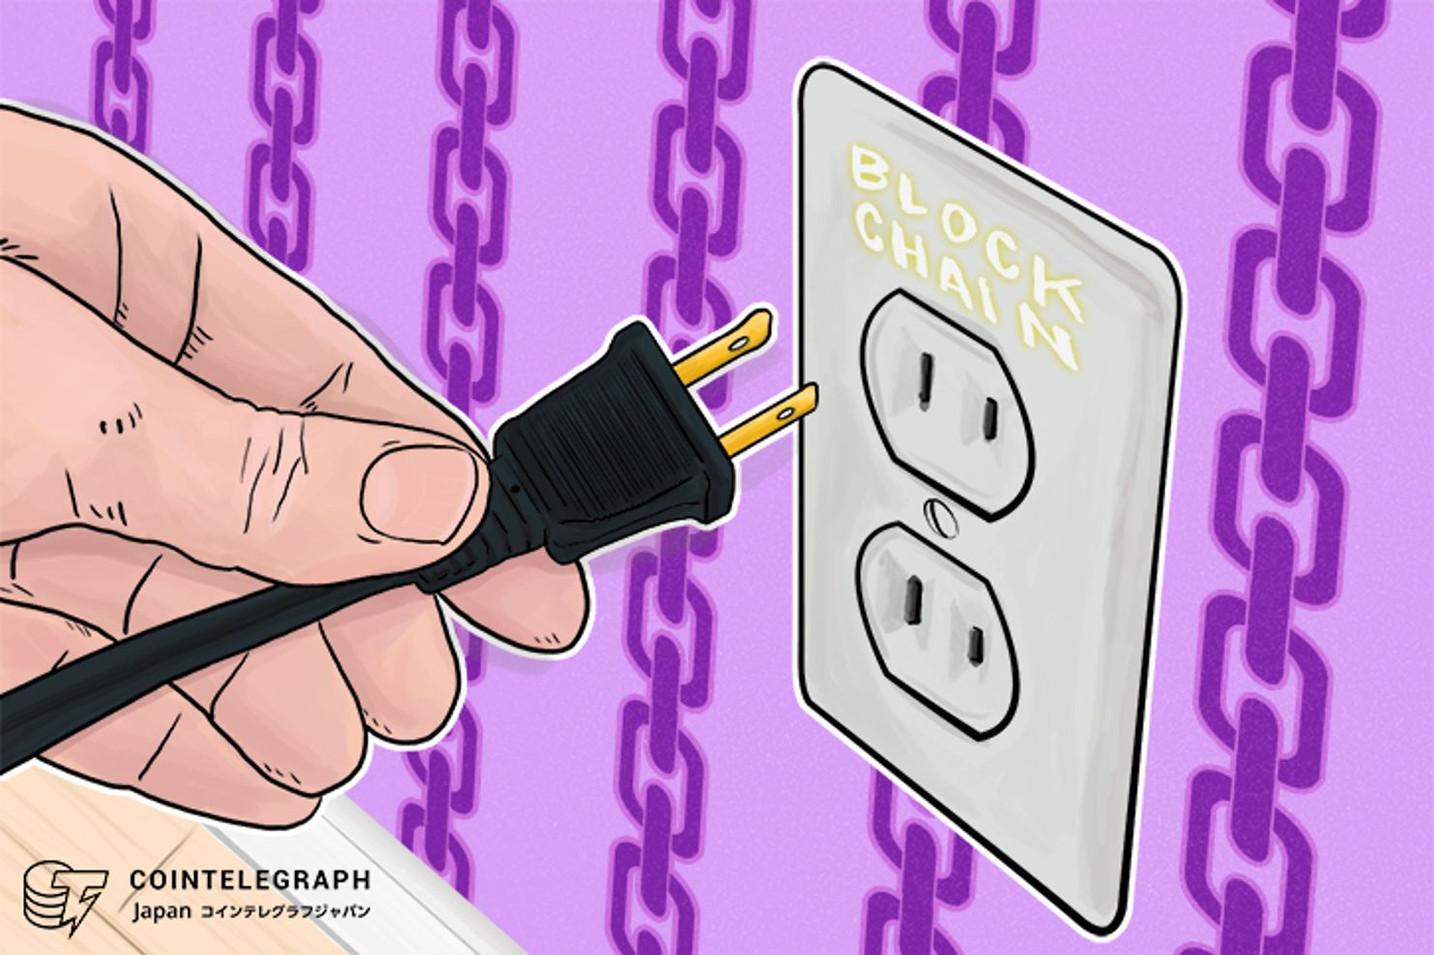 九州電力、ブロックチェーンを活用する電力スタートアップに出資